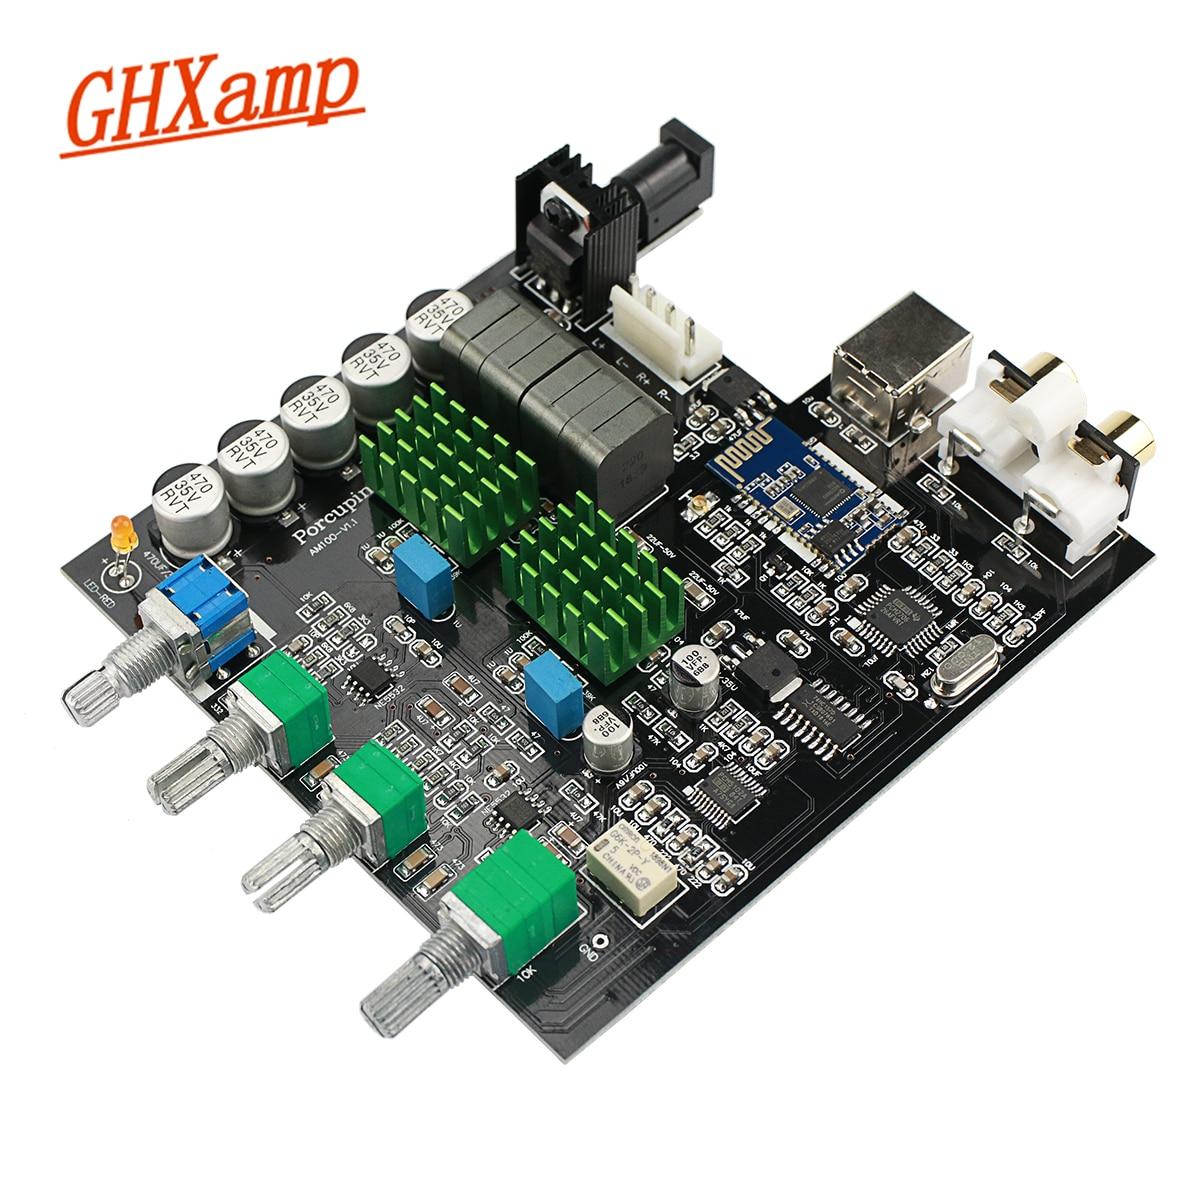 GHXAMP TPA3116 Bluetooth 5.0 amplificateur de puissance numérique carte USB décodage PCM5102A Subwoofer avec carte son 100 W * 2